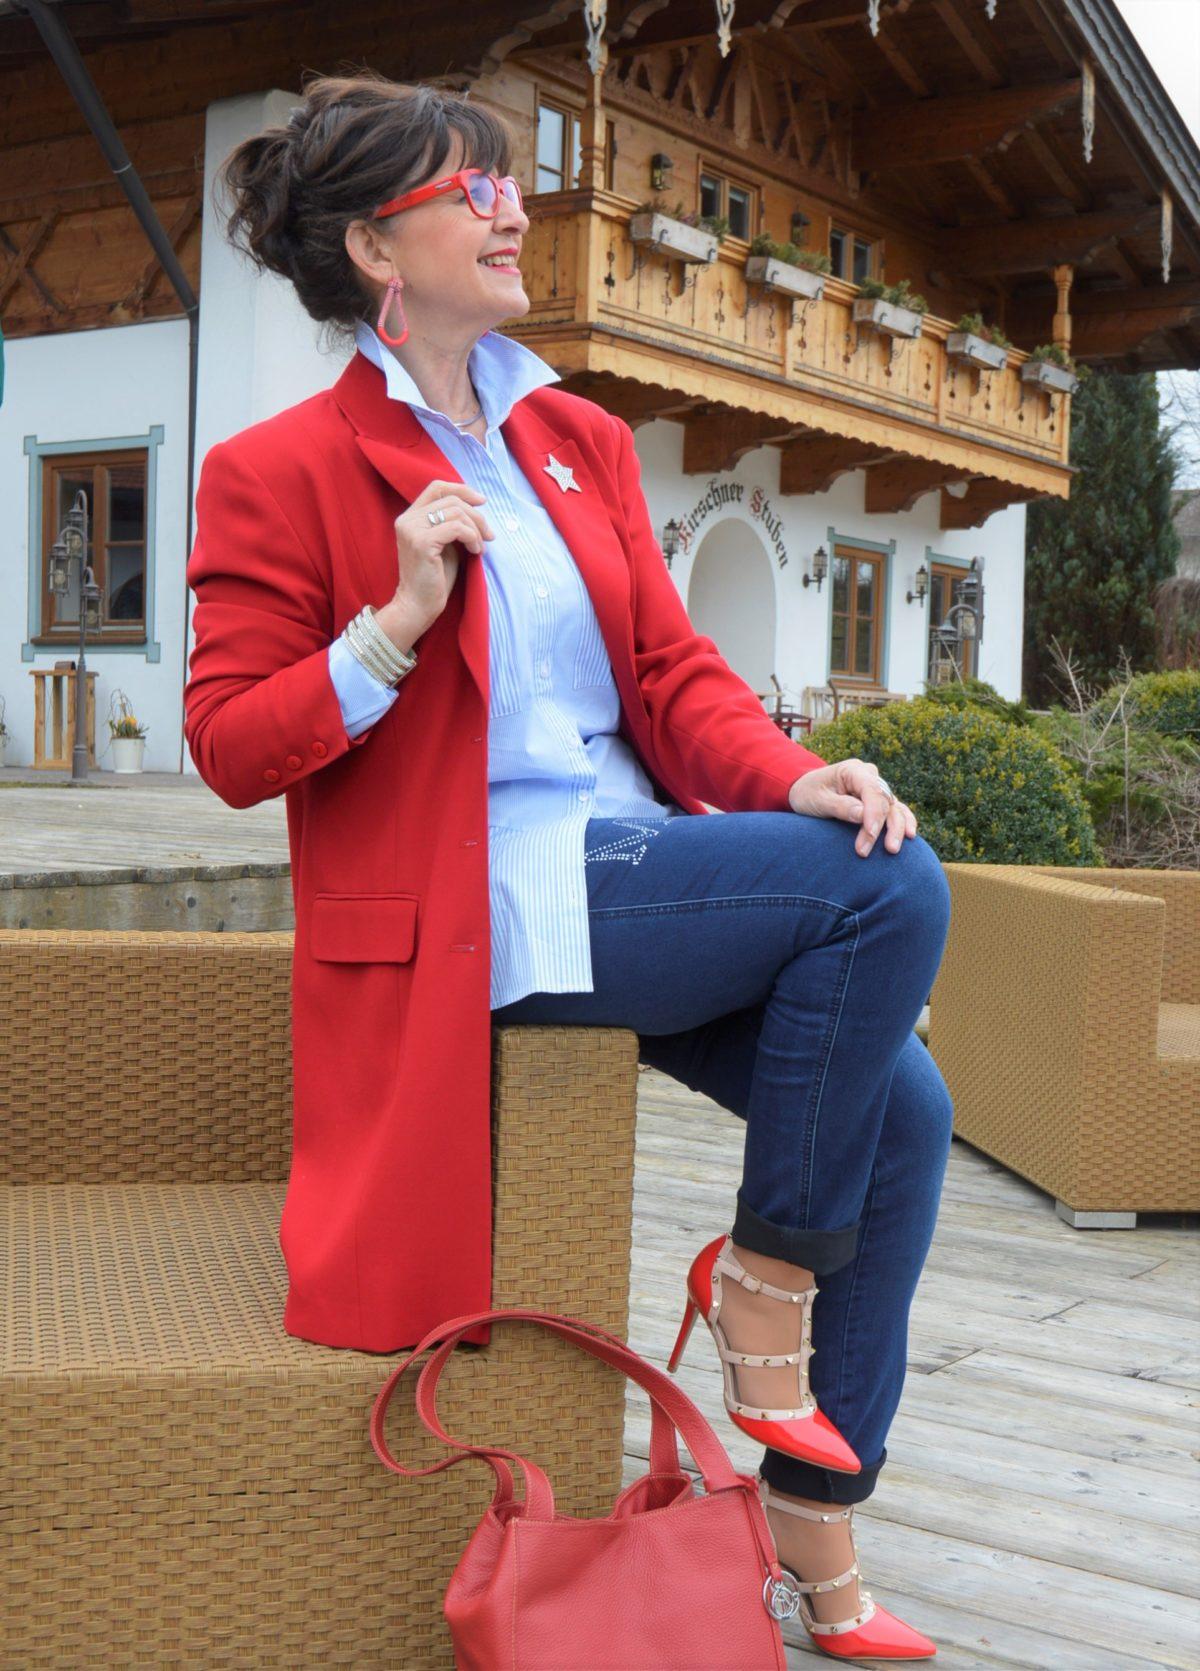 Denim mit rotem Mantel und Bluse